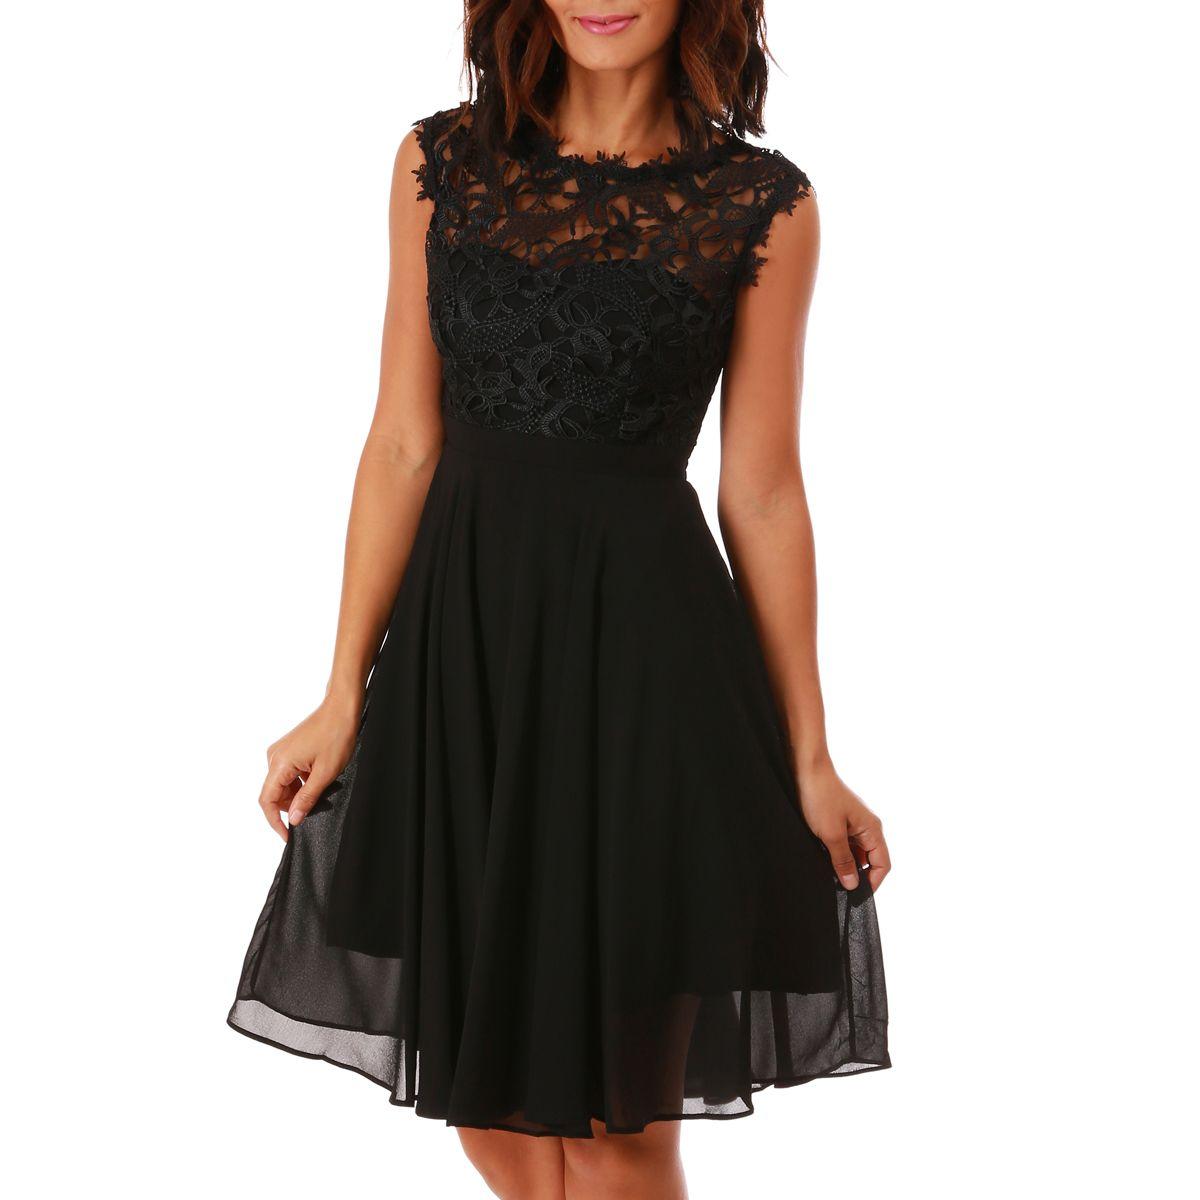 La robe noire, un basique indispensable